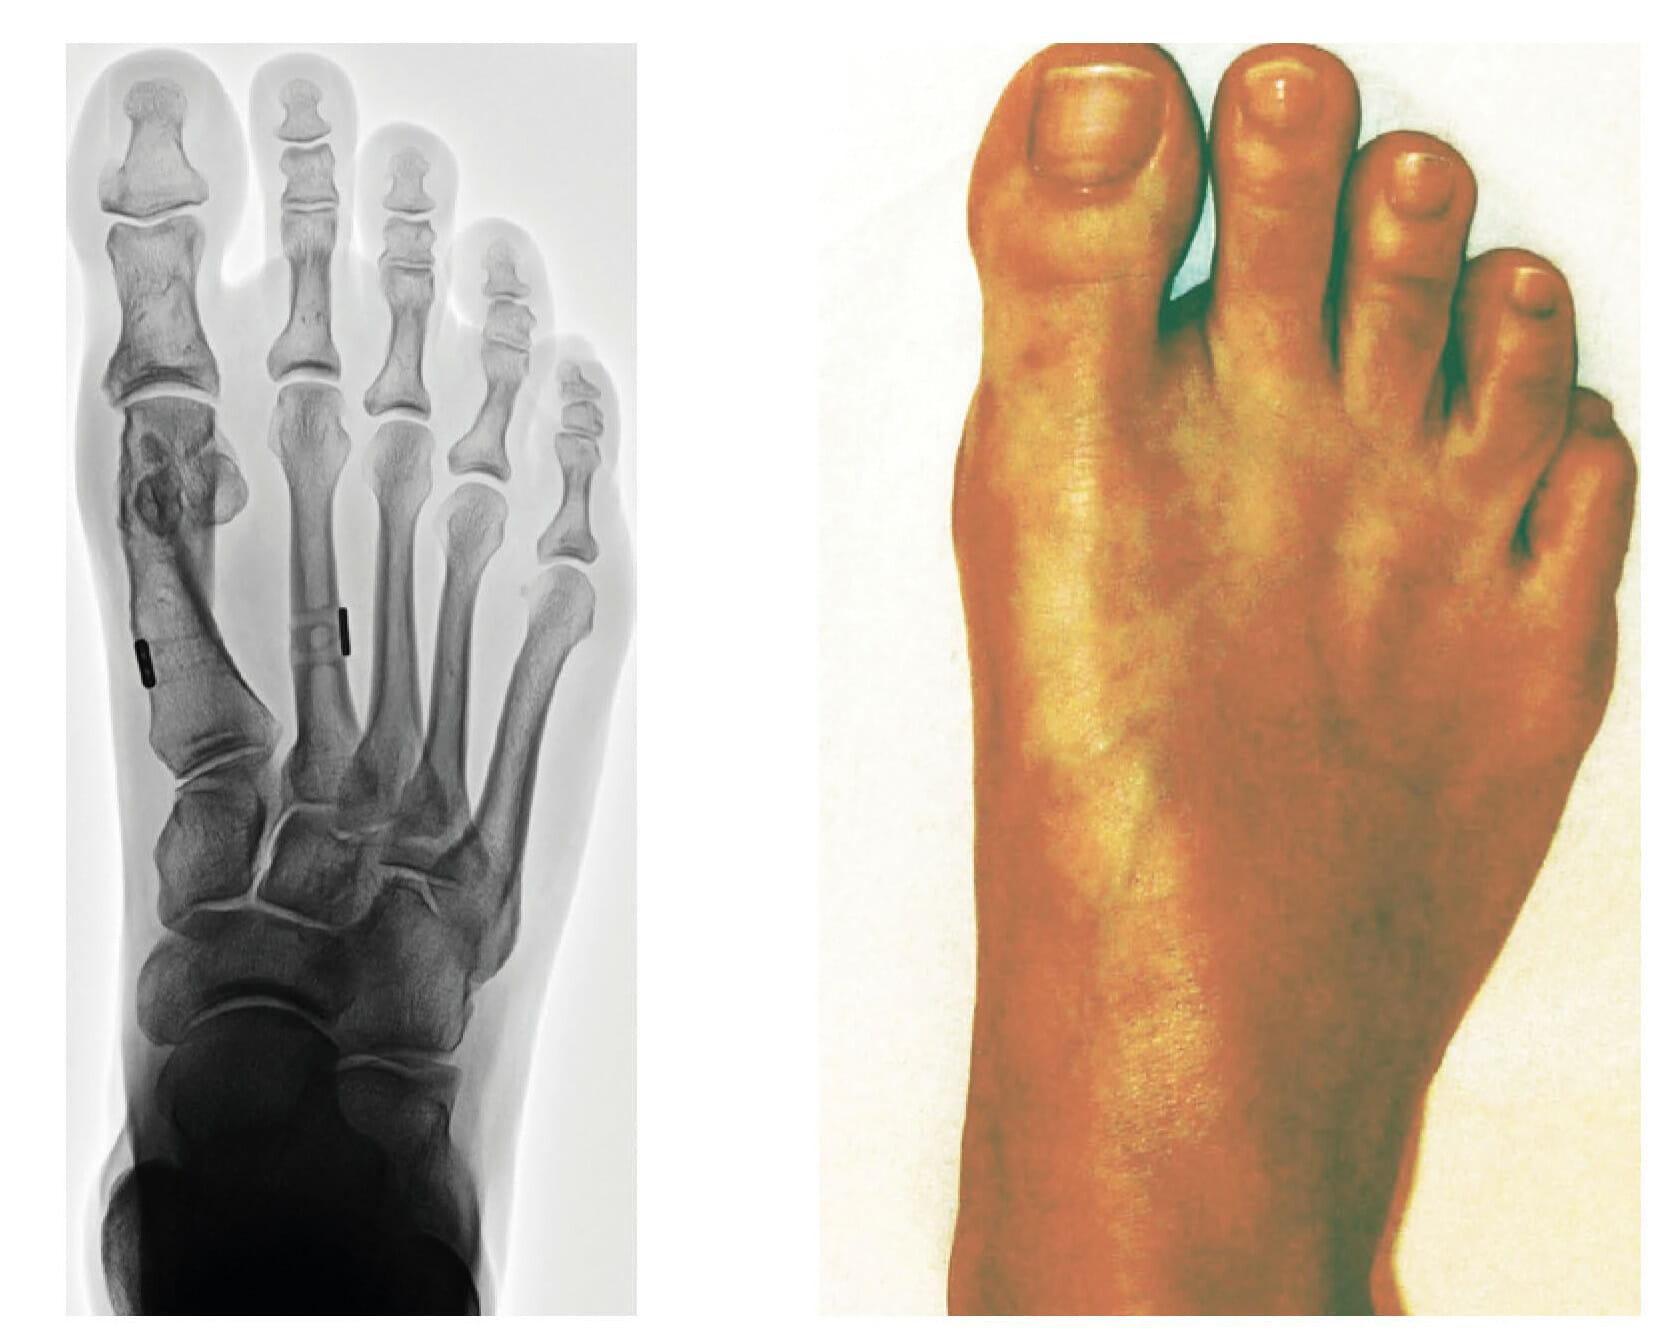 9 Monate nach OP - Distale Metatarsale 1 Osteotomie mit proximaler Bandzügelung und Akin-OP